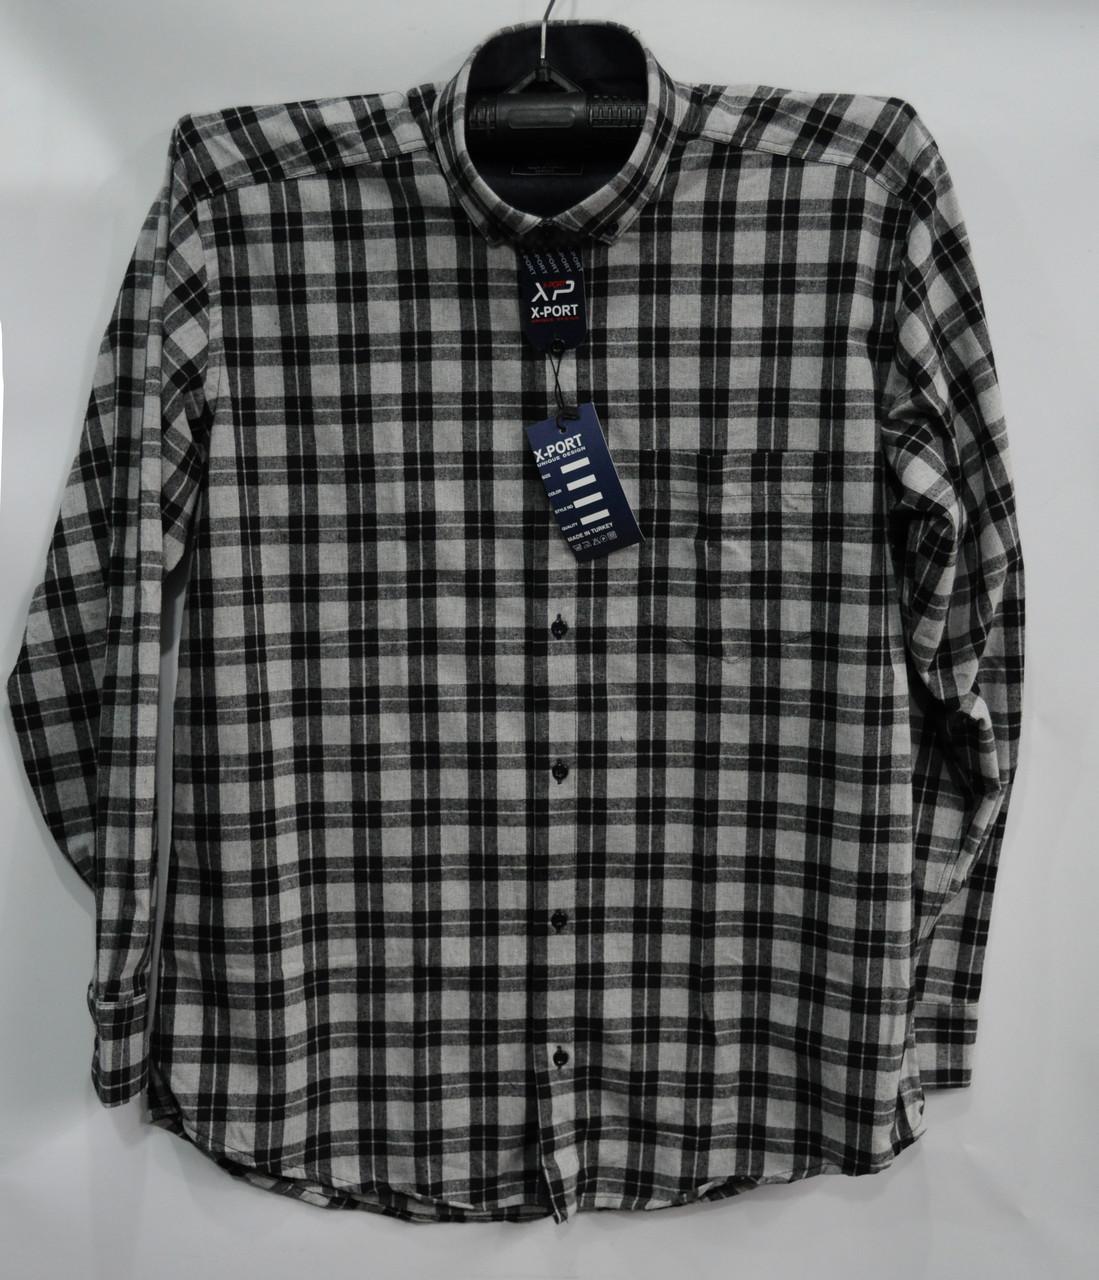 7cce5edf36d9898 Купить Рубашка мужская теплая оптом. Рубашка клетка оптом в Одессе ...